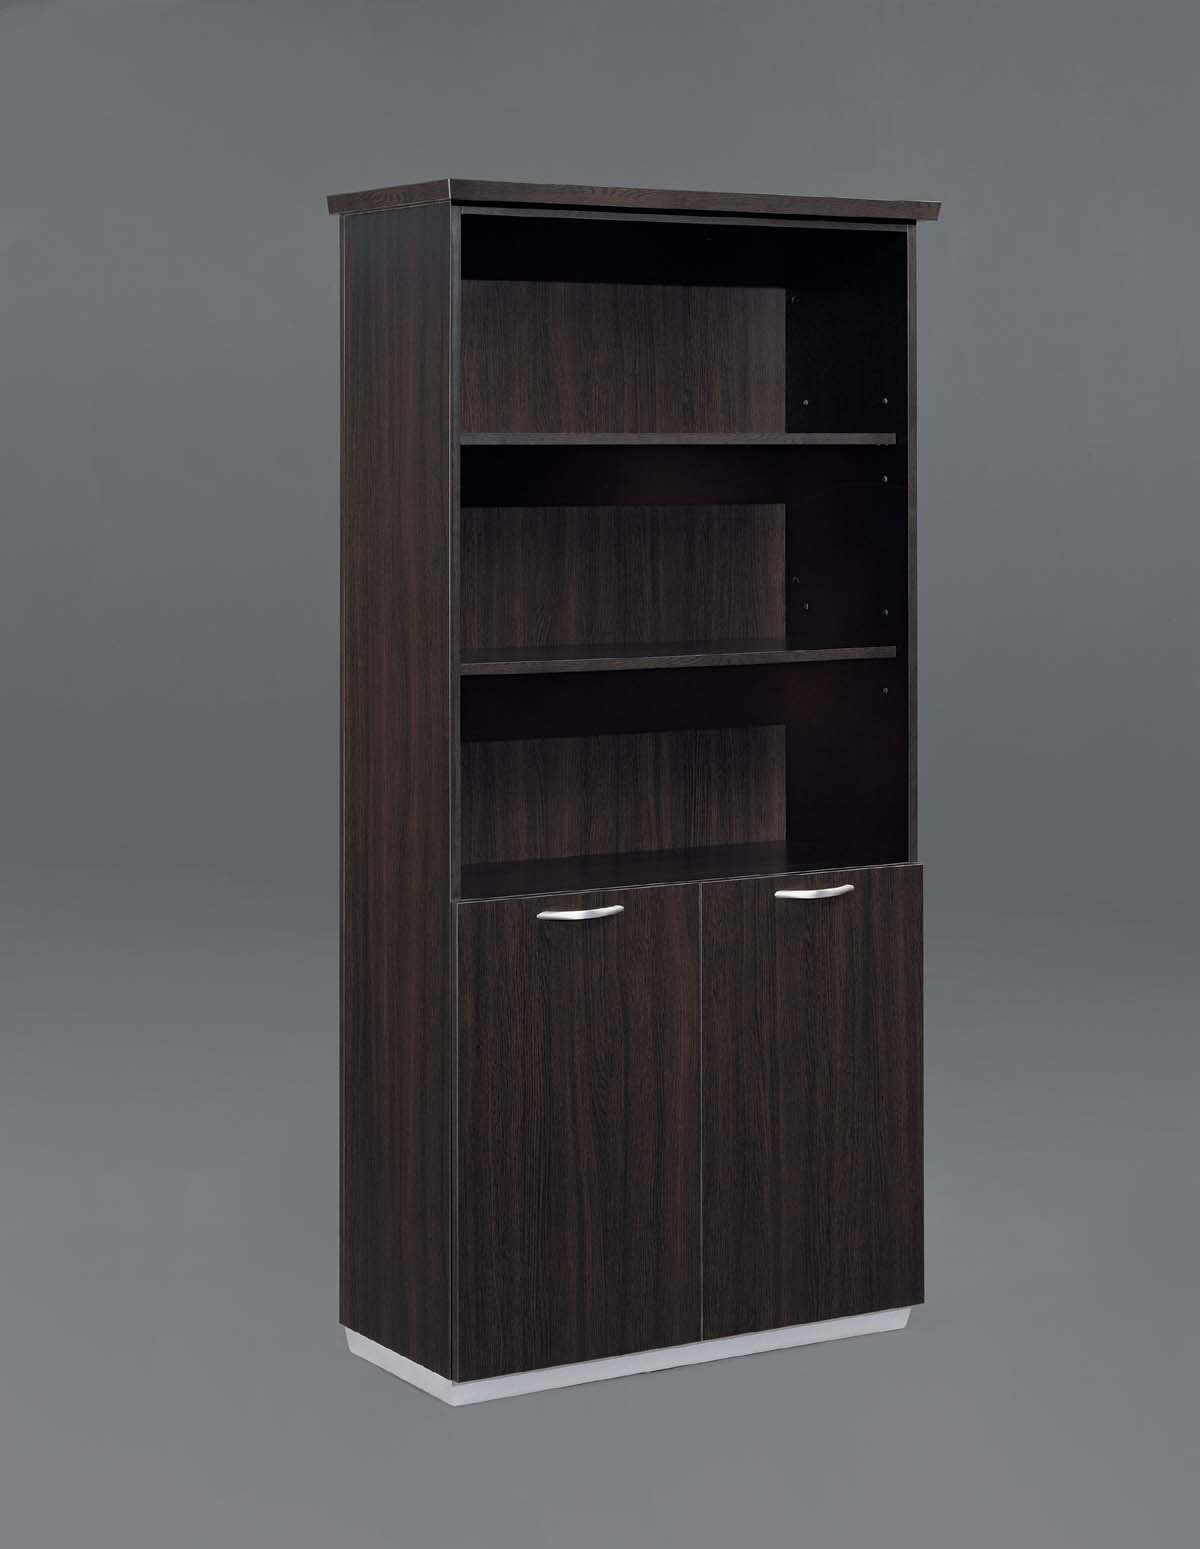 Flexsteel Pimlico  Bookcase